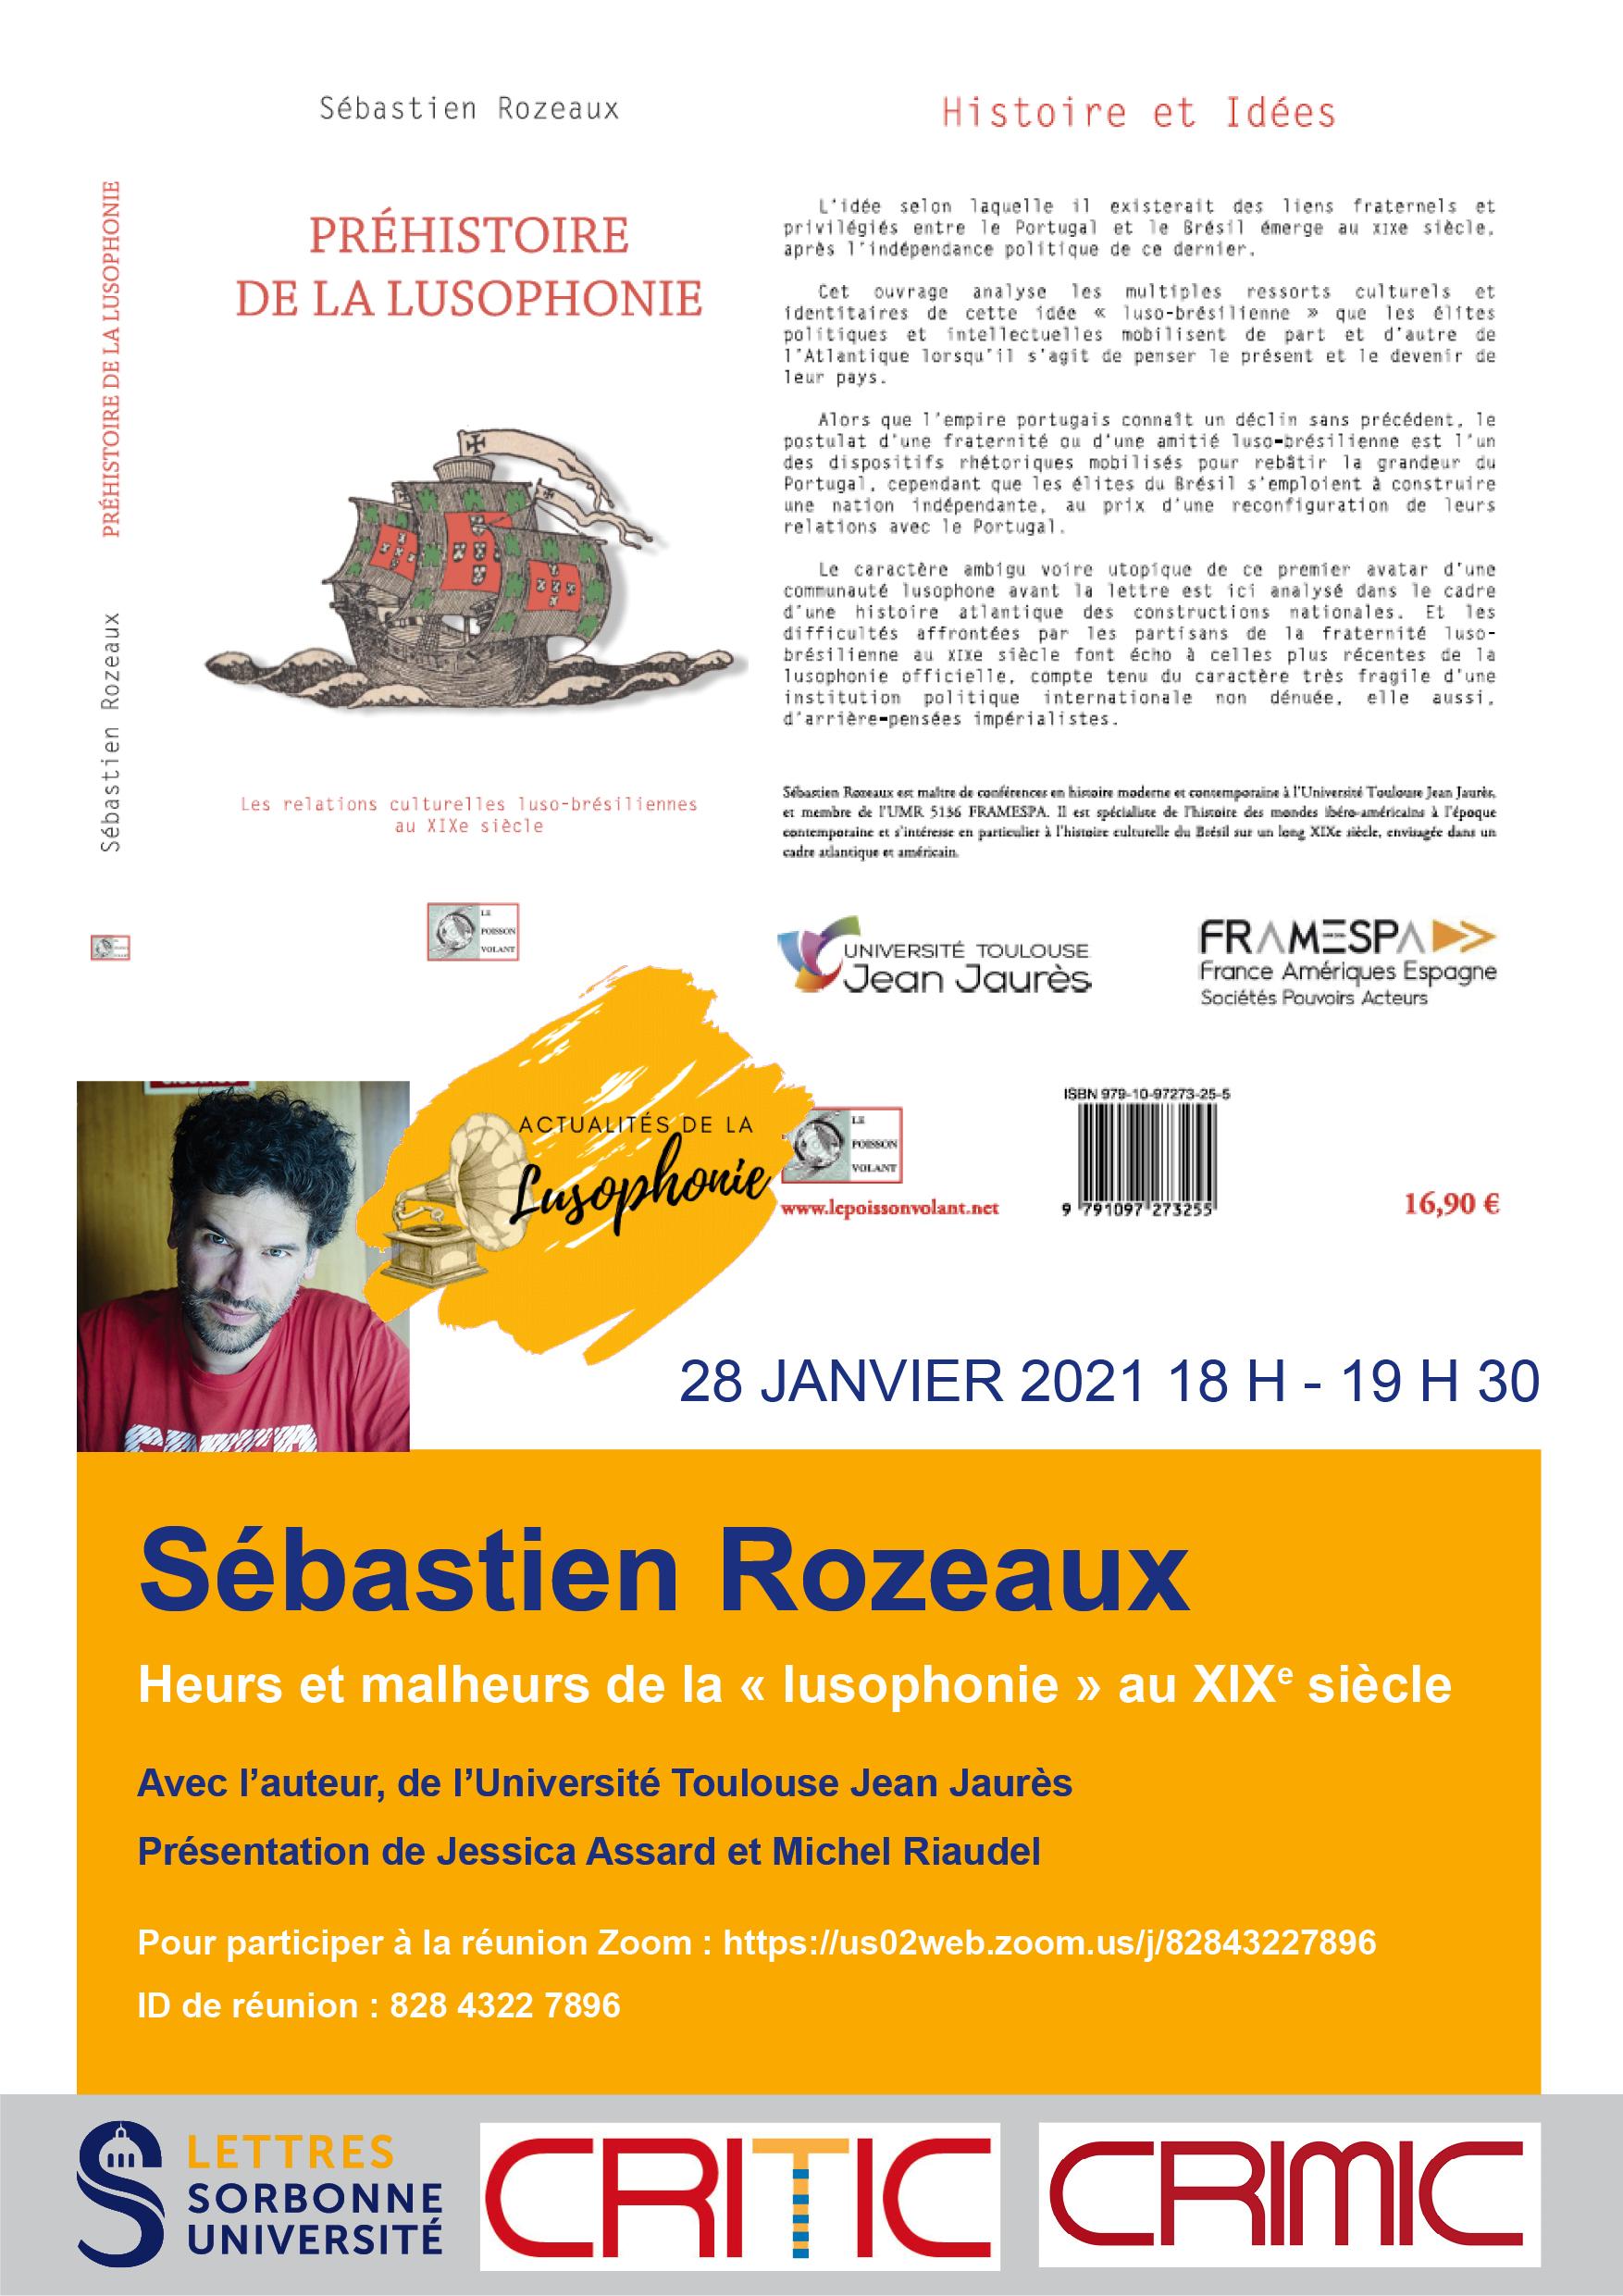 Sébastien Rozeaux, pour une préhistoire de la «lusophonie» au XIXe siècle